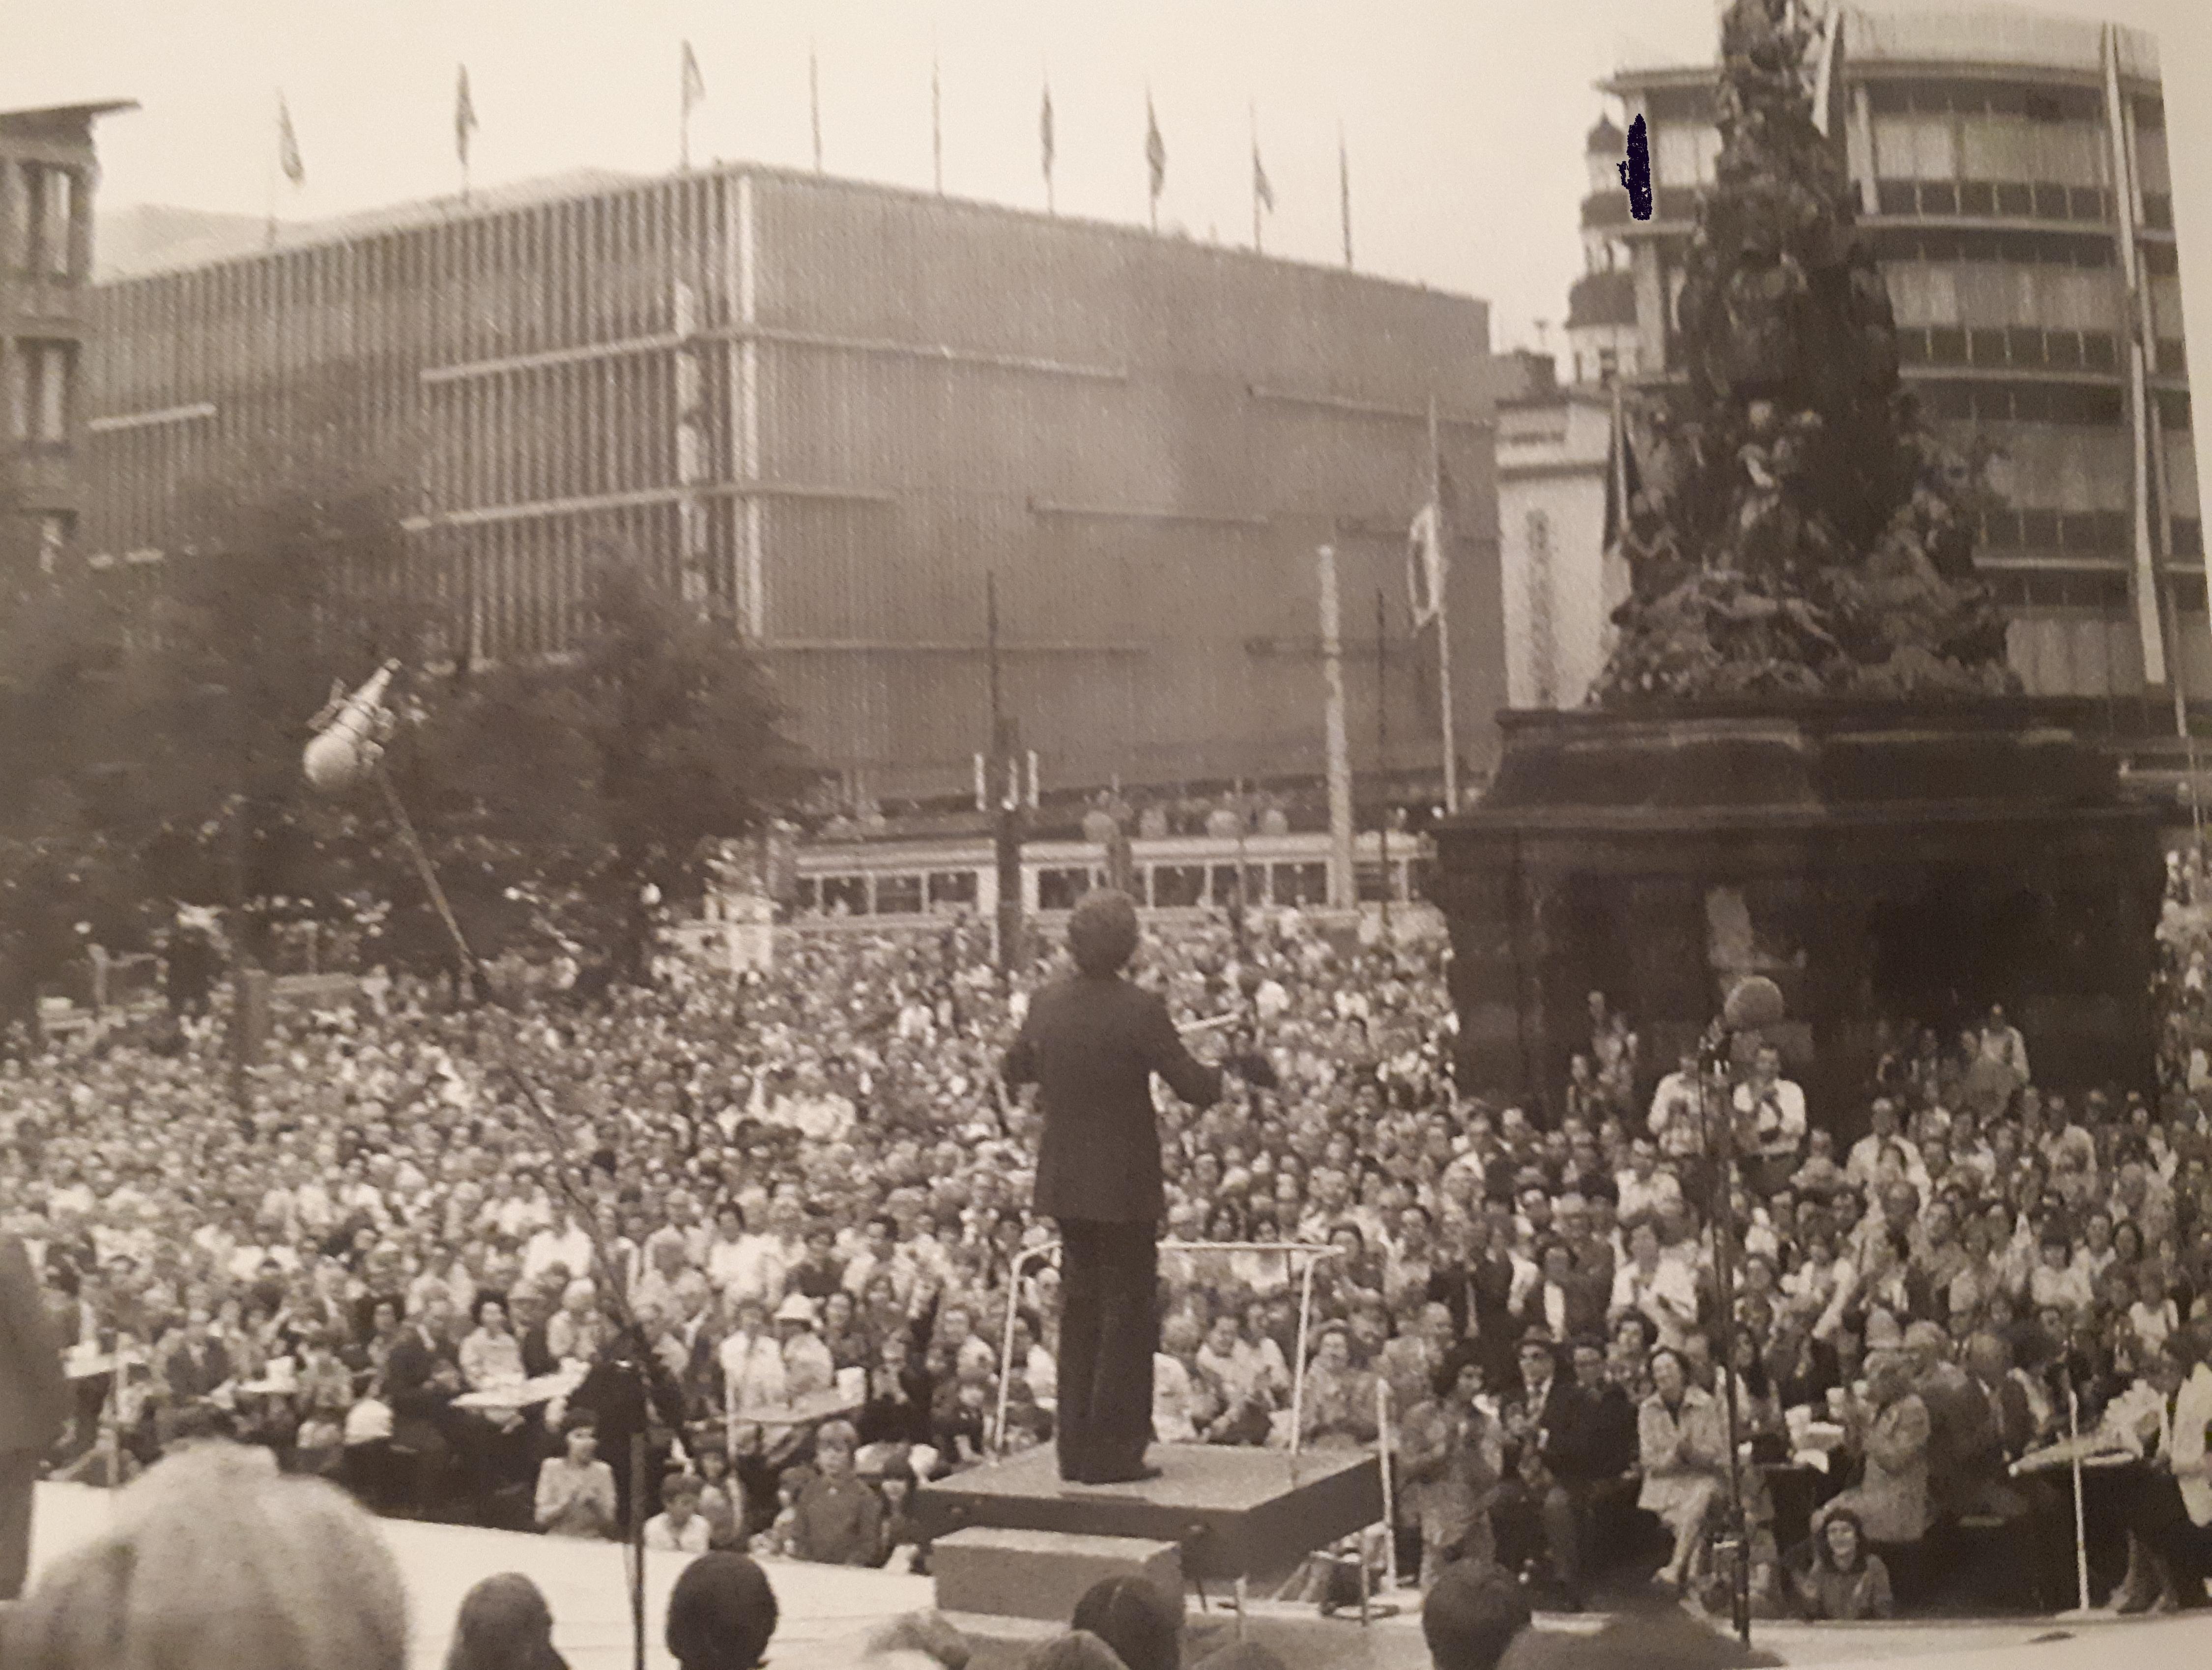 Menschenmengen begeistern war eine seiner einfachsten Übungen